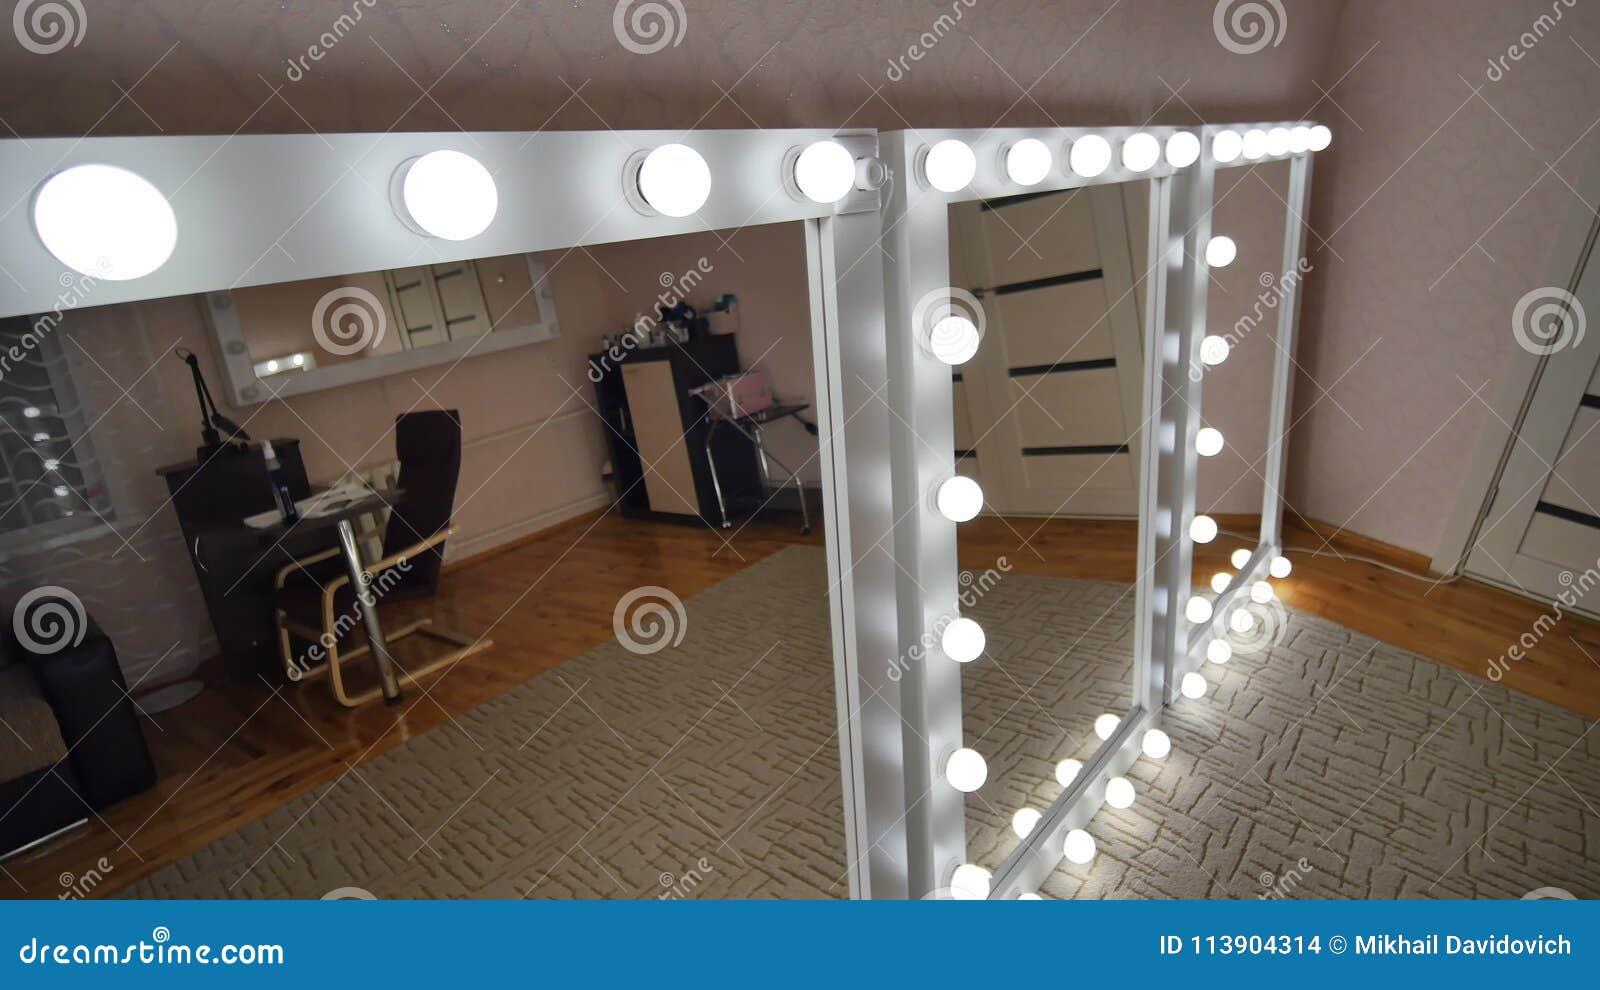 Spiegel Make Up : Vier make up spiegel stehen im raum und werden beleuchtet